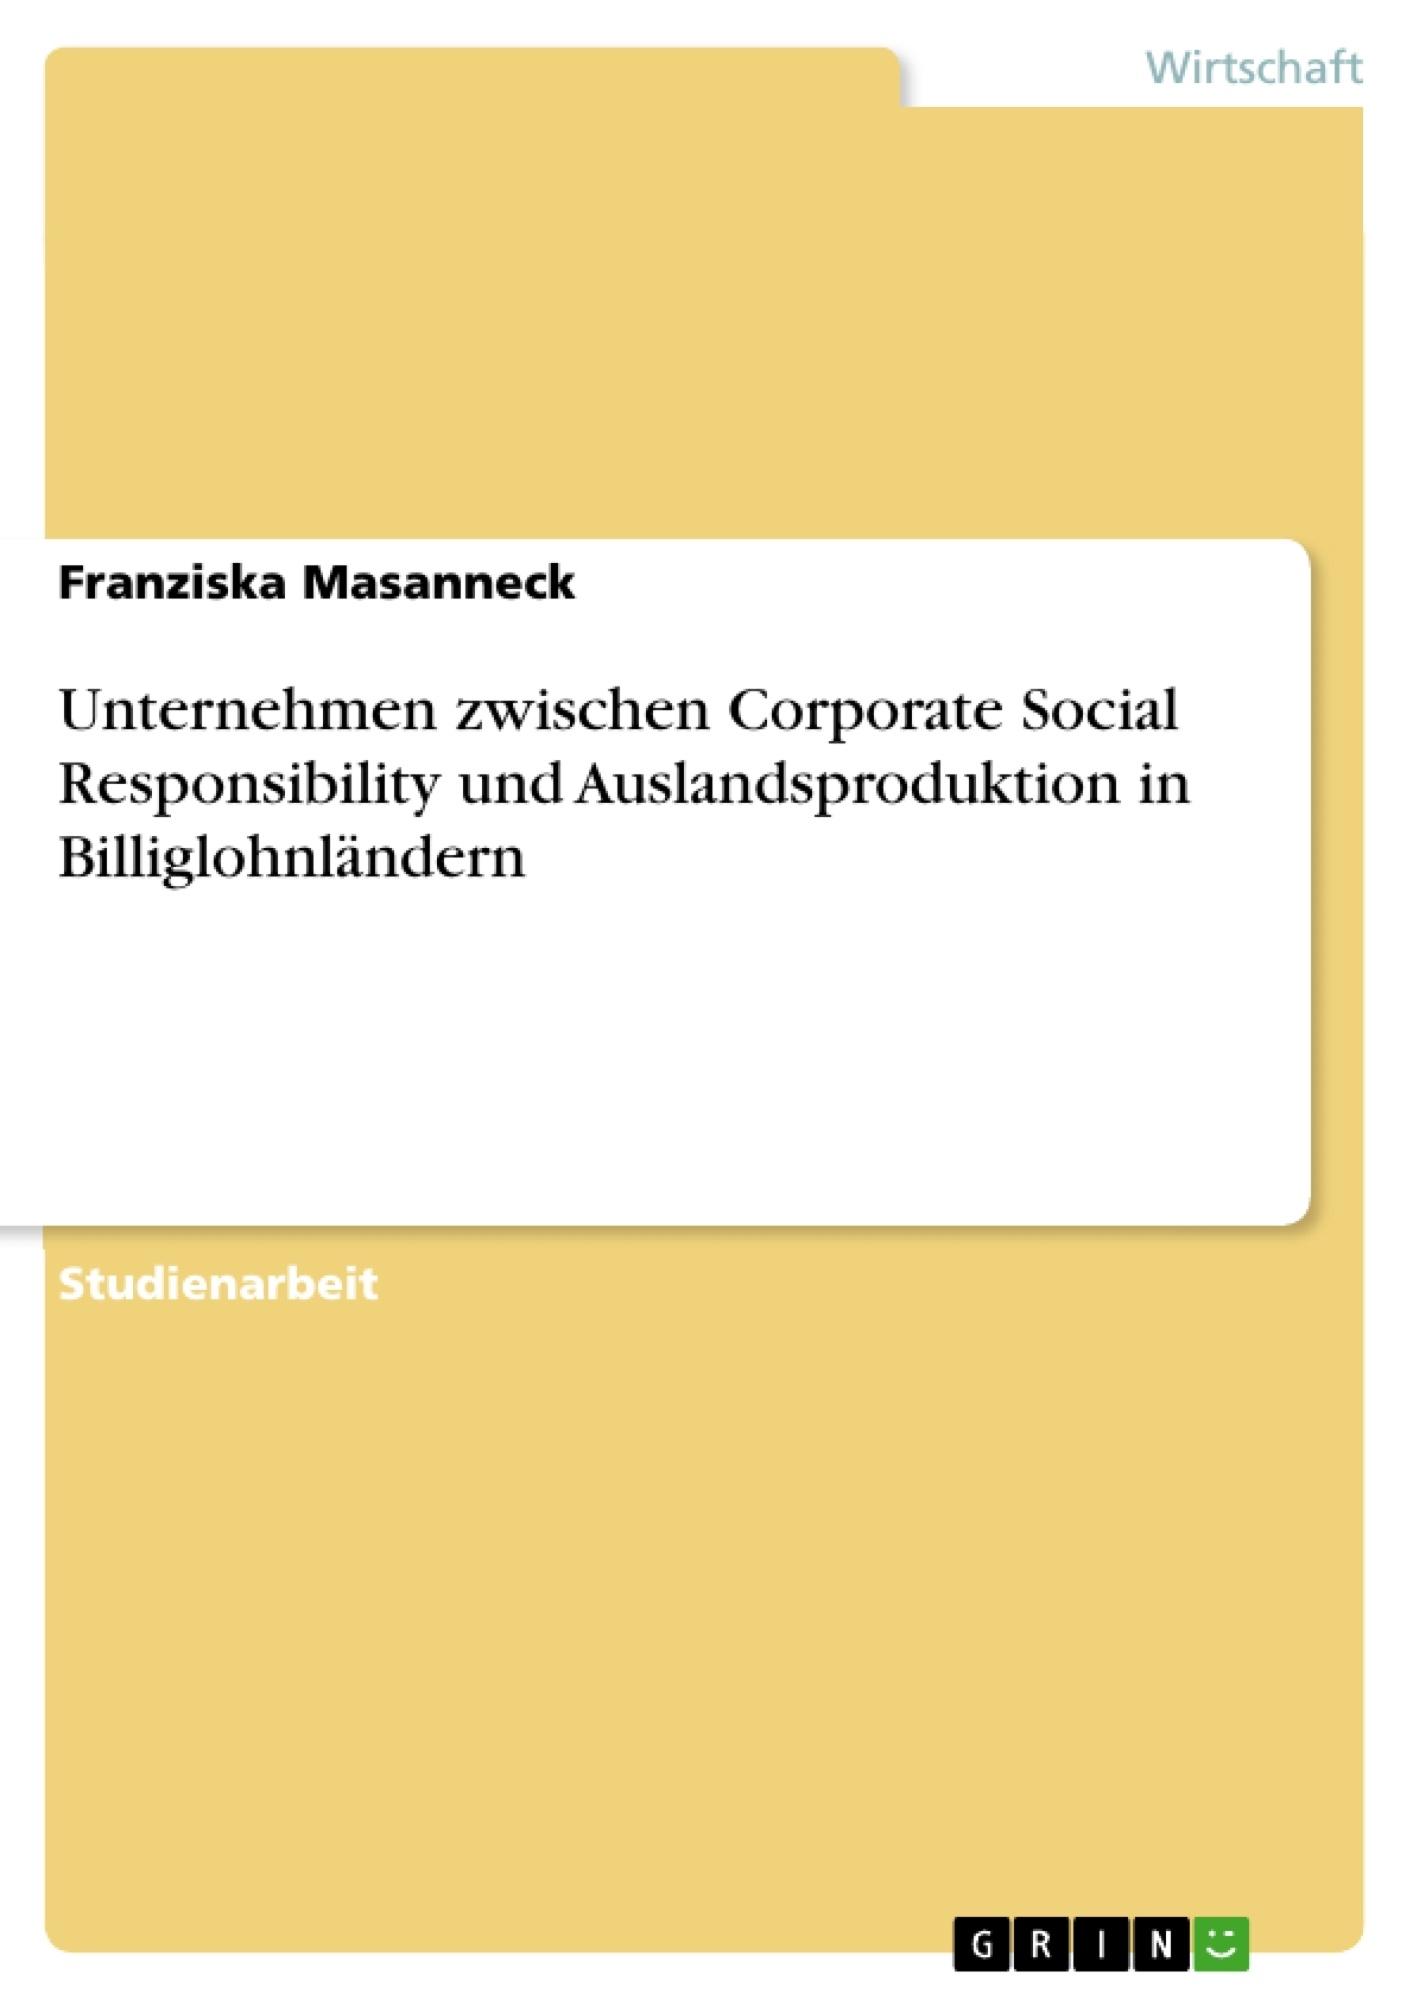 Titel: Unternehmen zwischen Corporate Social Responsibility und Auslandsproduktion in Billiglohnländern